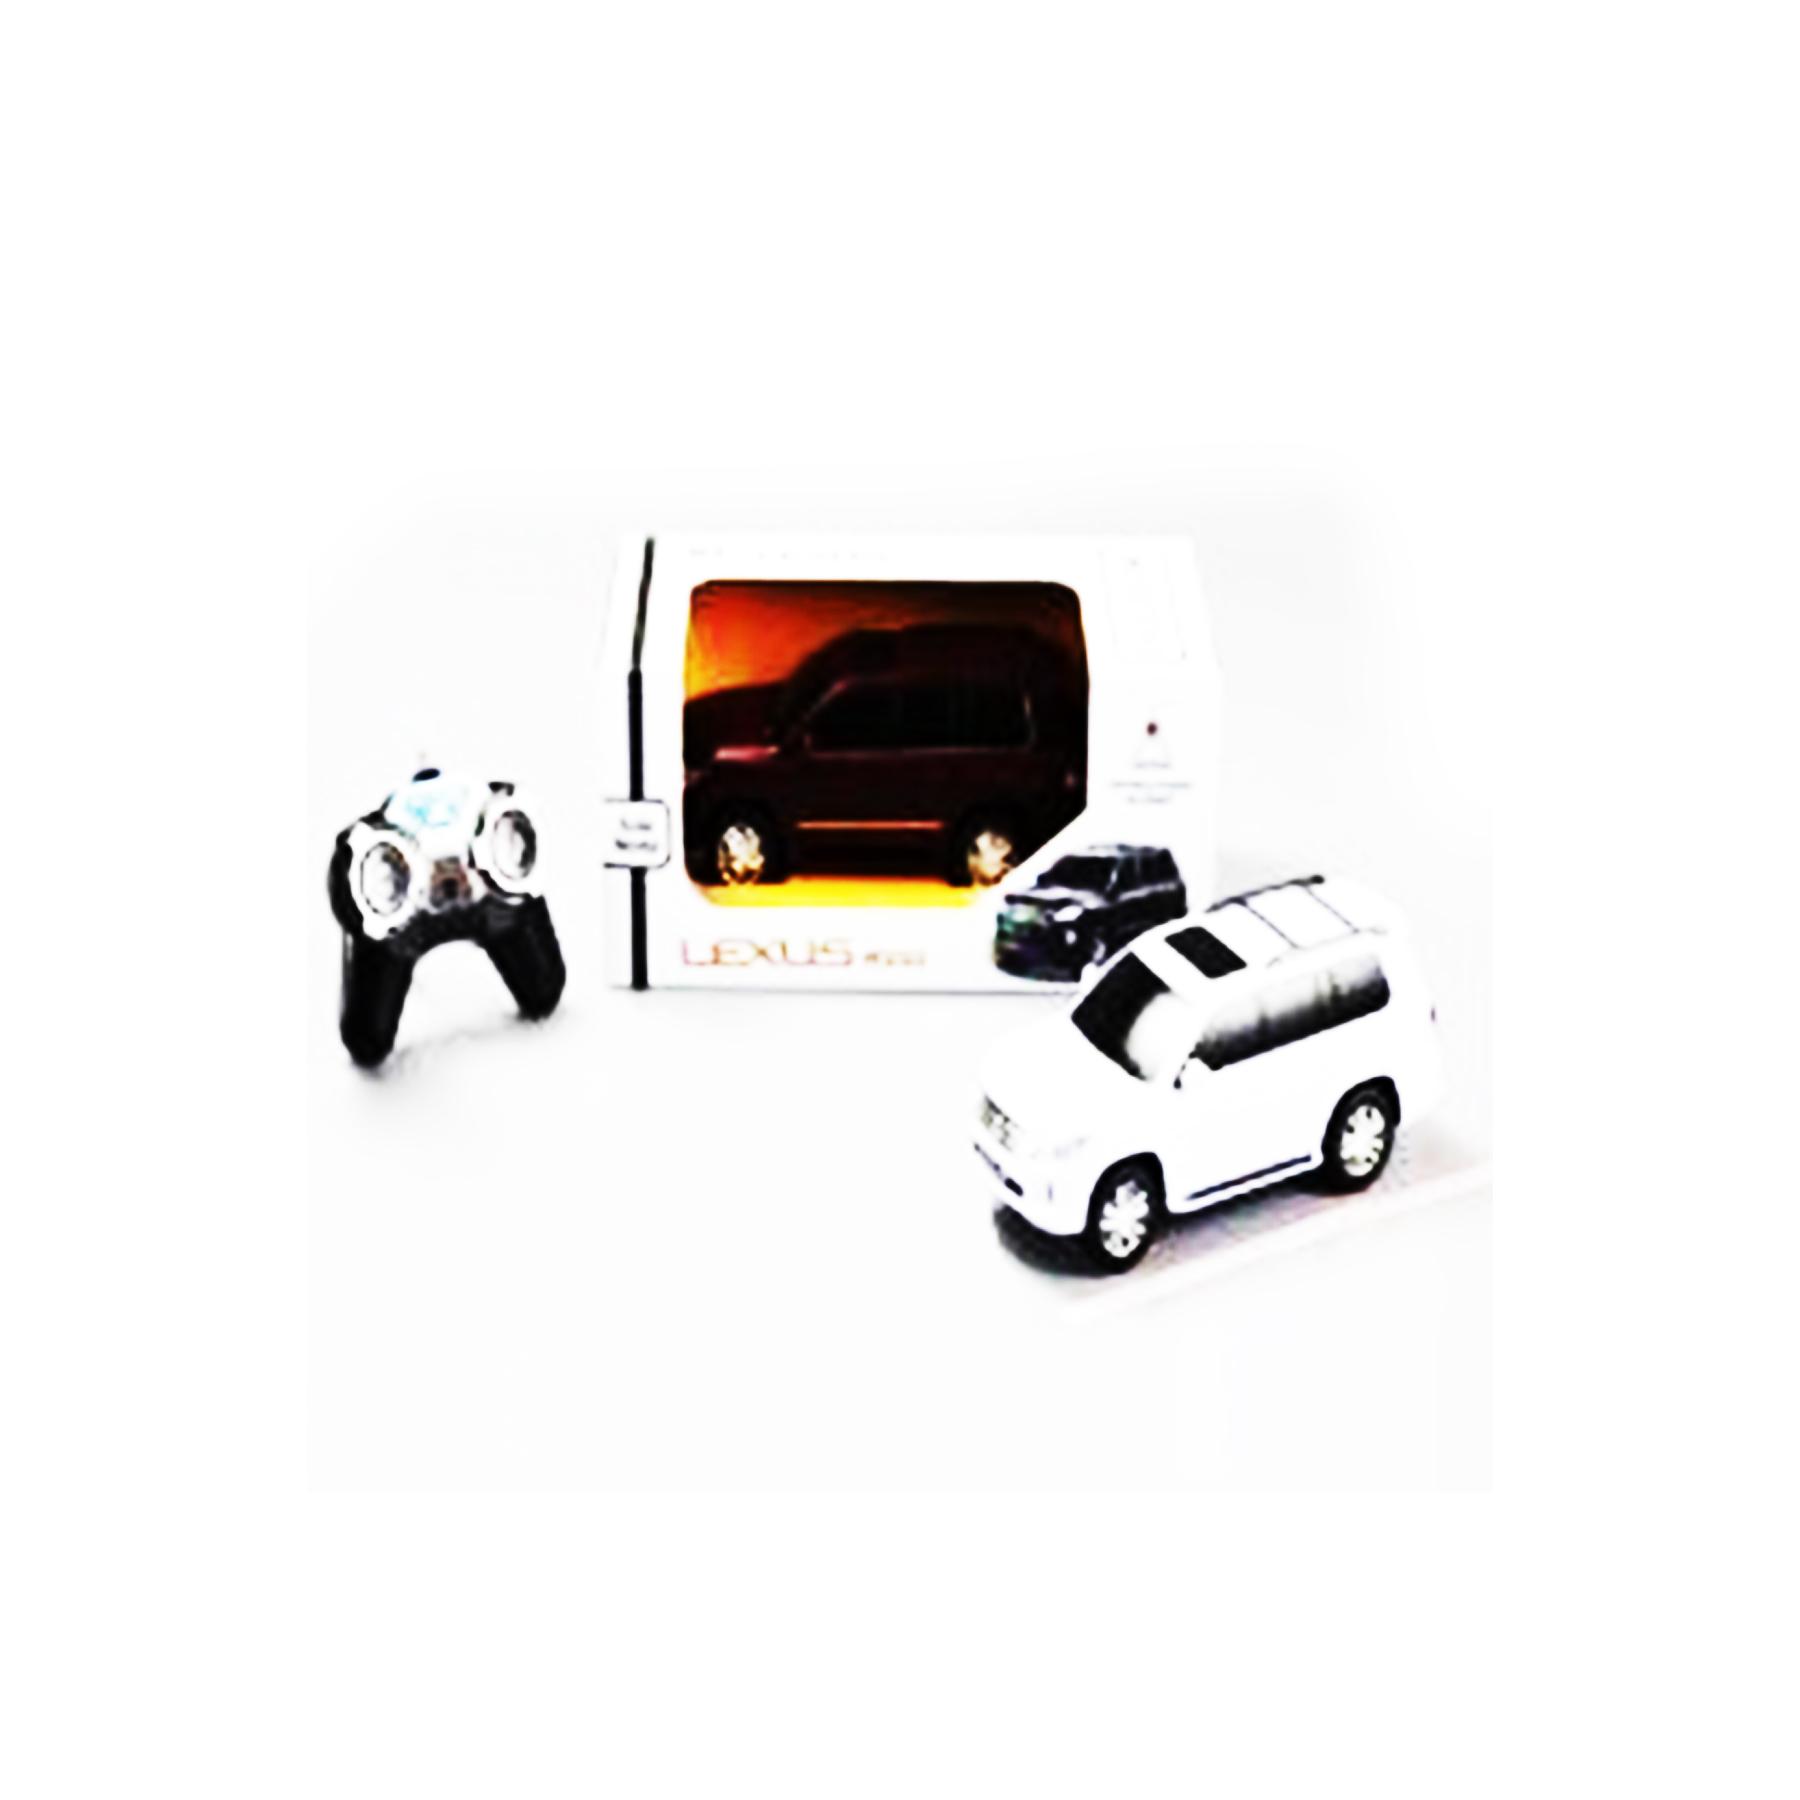 Автомобиль пластмассовый на Р/У модель Lexus LX570  300407 (376025)